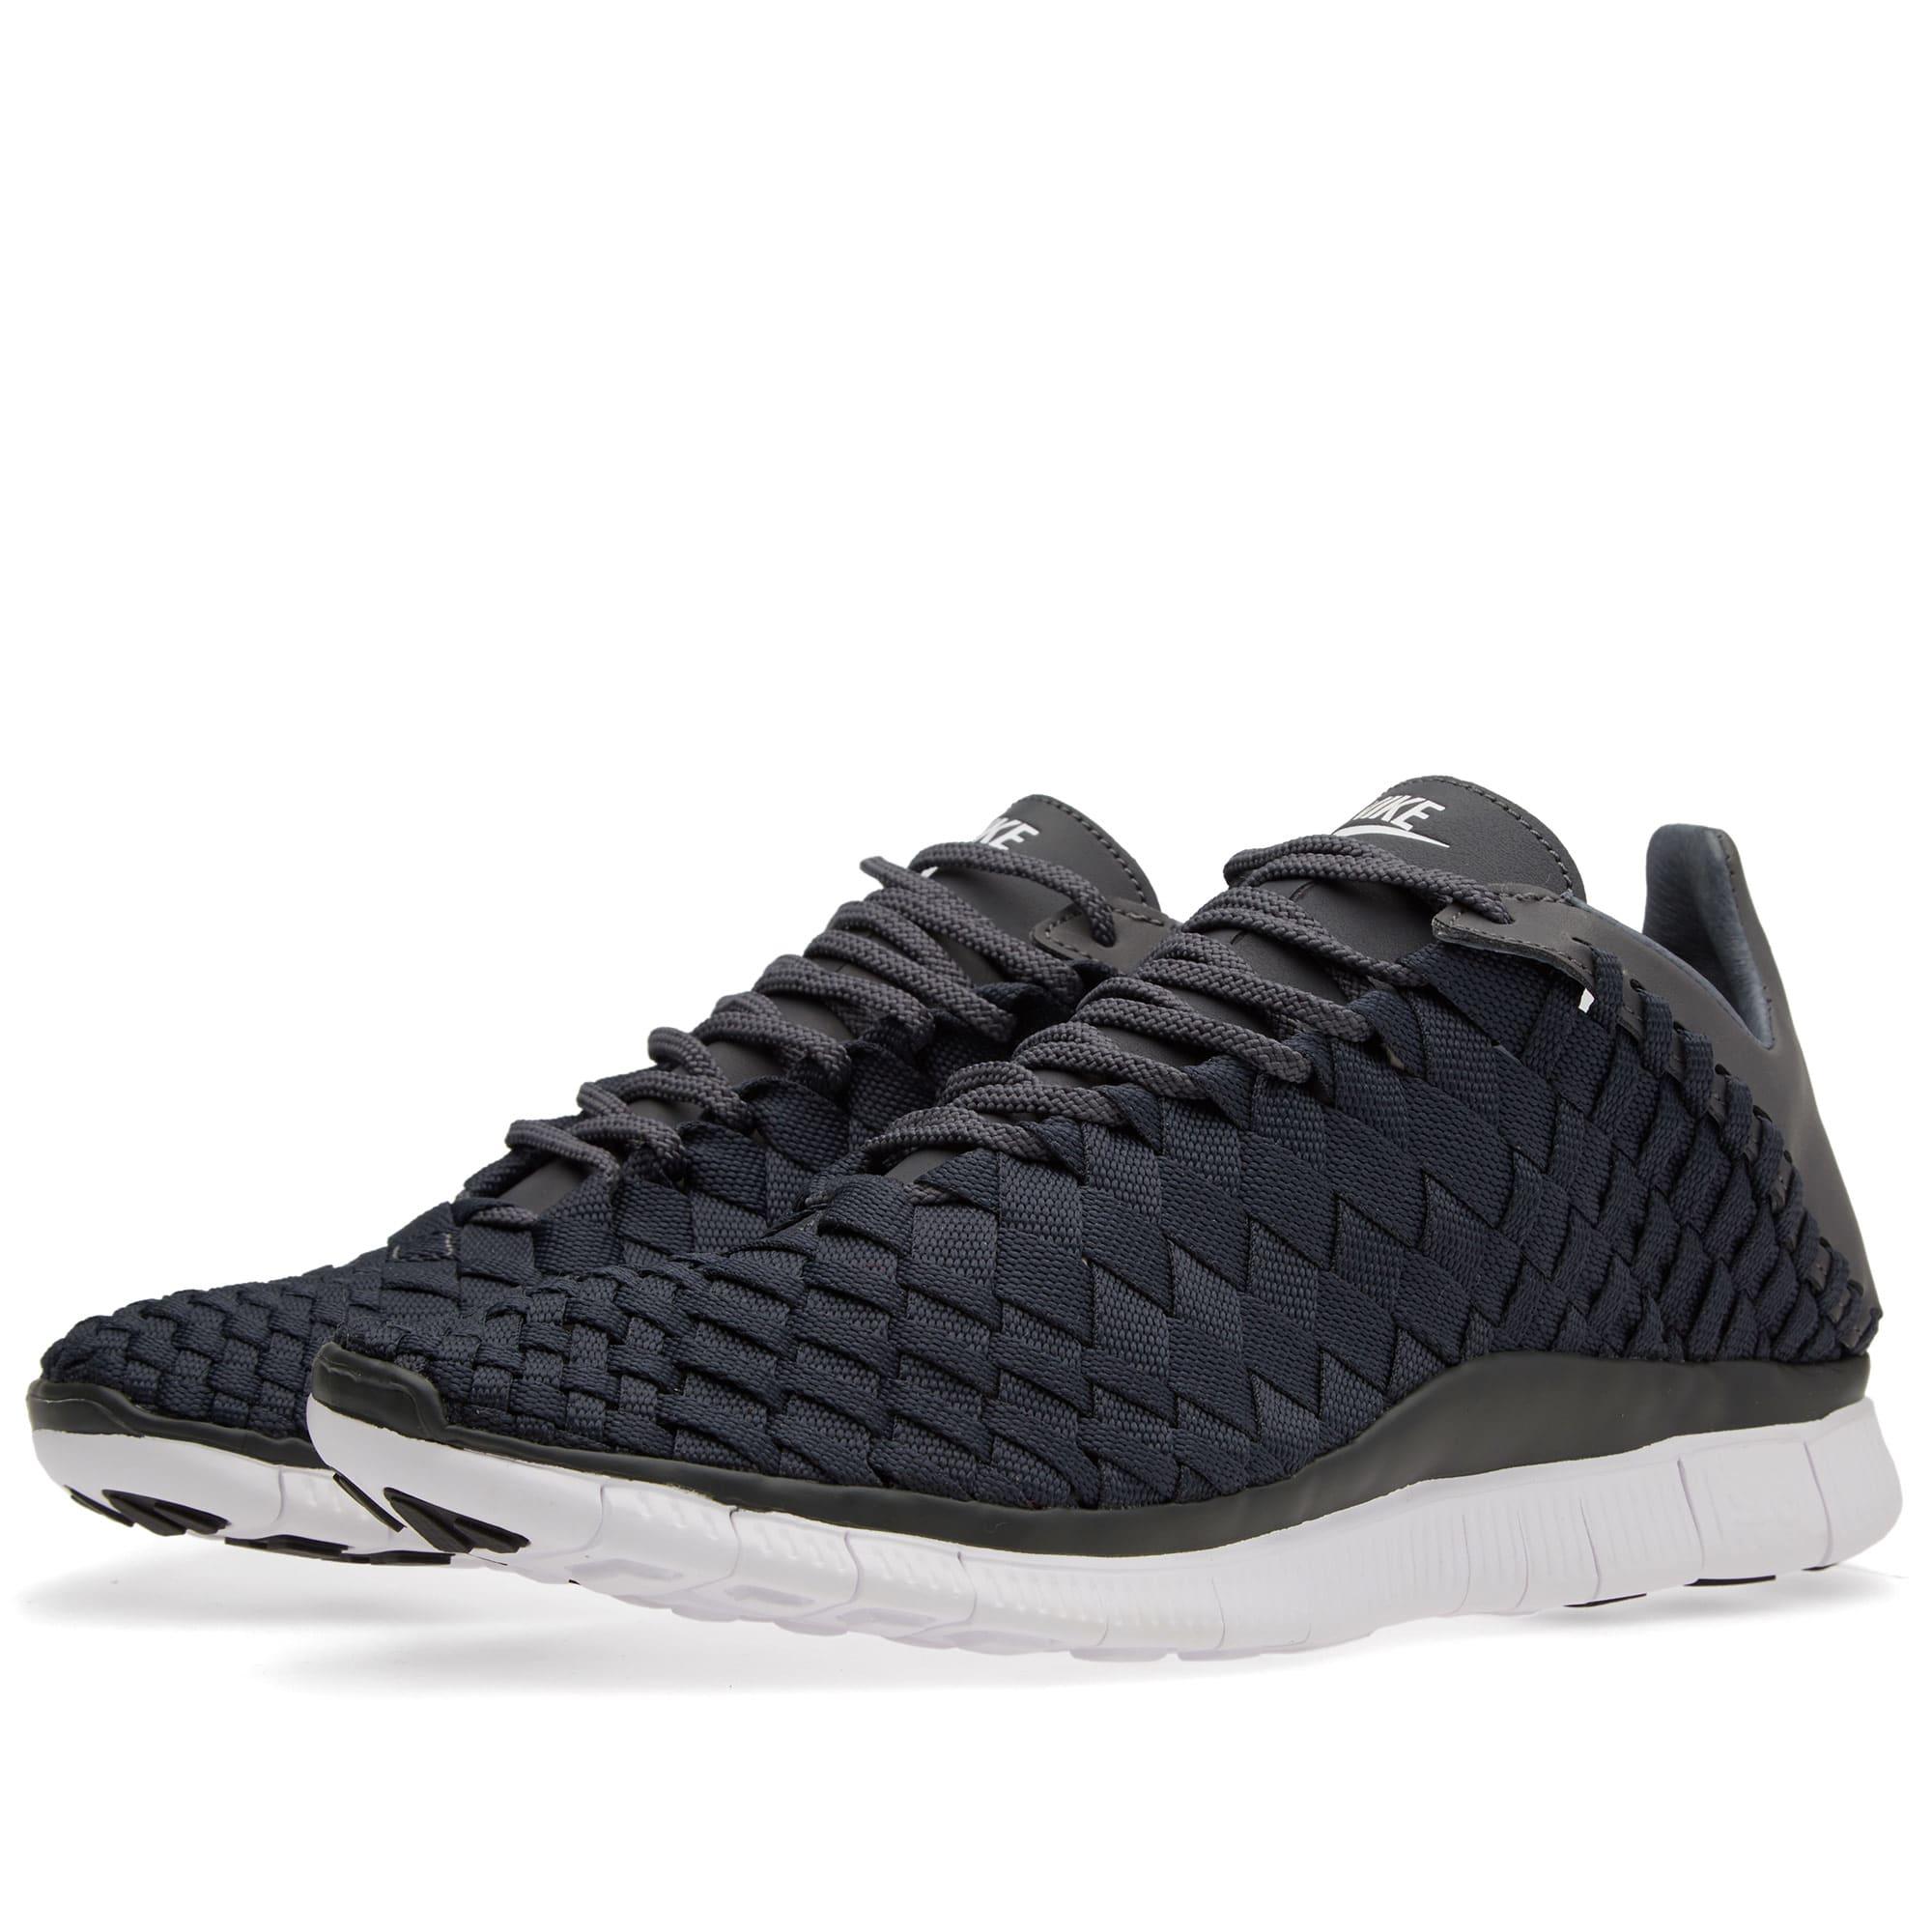 check out 55b15 f30e5 Nike Free Inneva Woven Anthracite, White   Dark Grey   END.